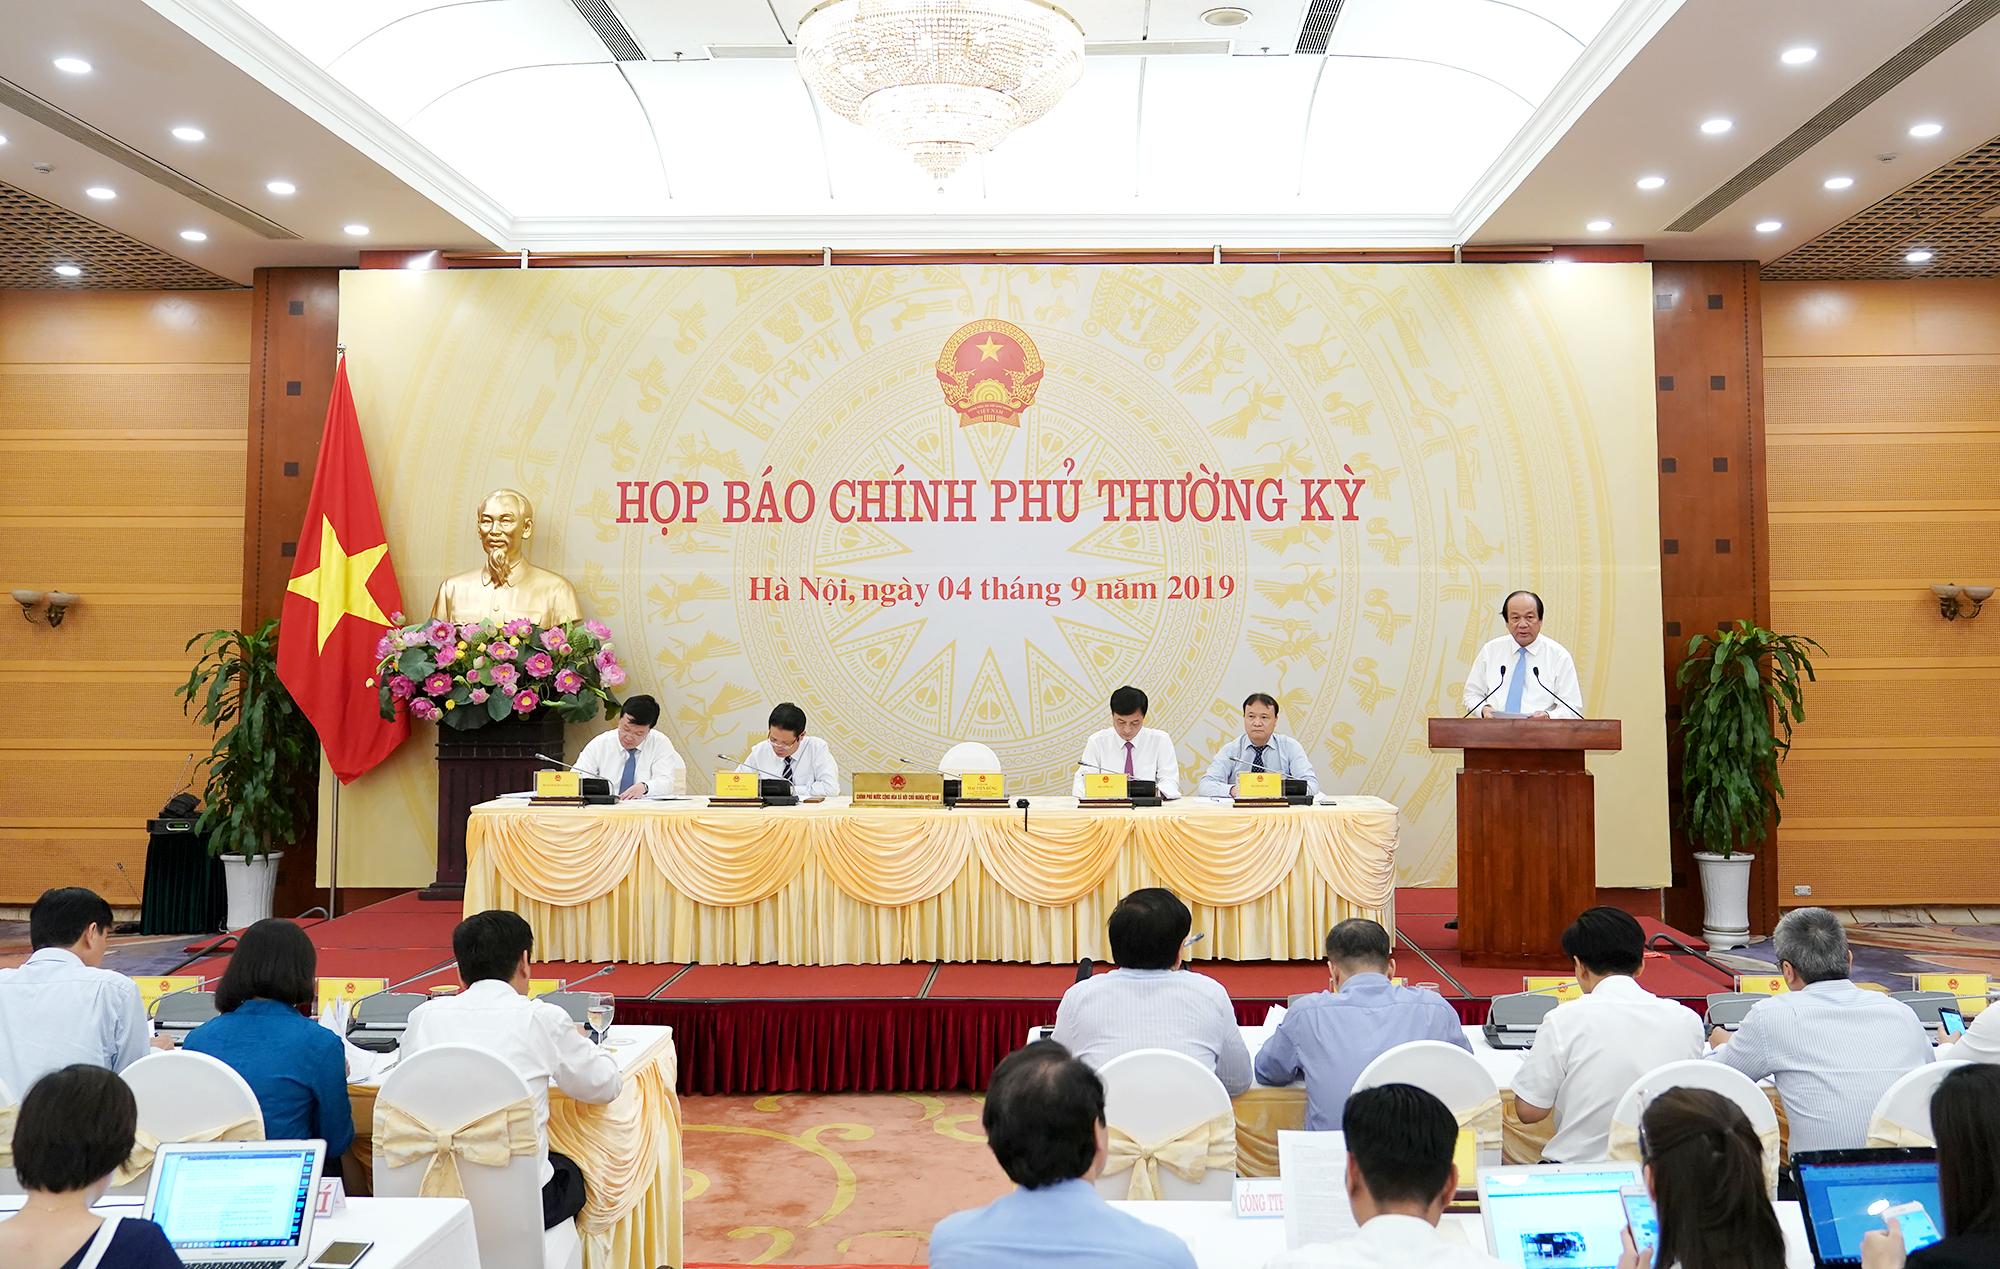 Thủ tướng Chính phủ yêu cầu 'chỉ bàn tiến, không bàn lùi'